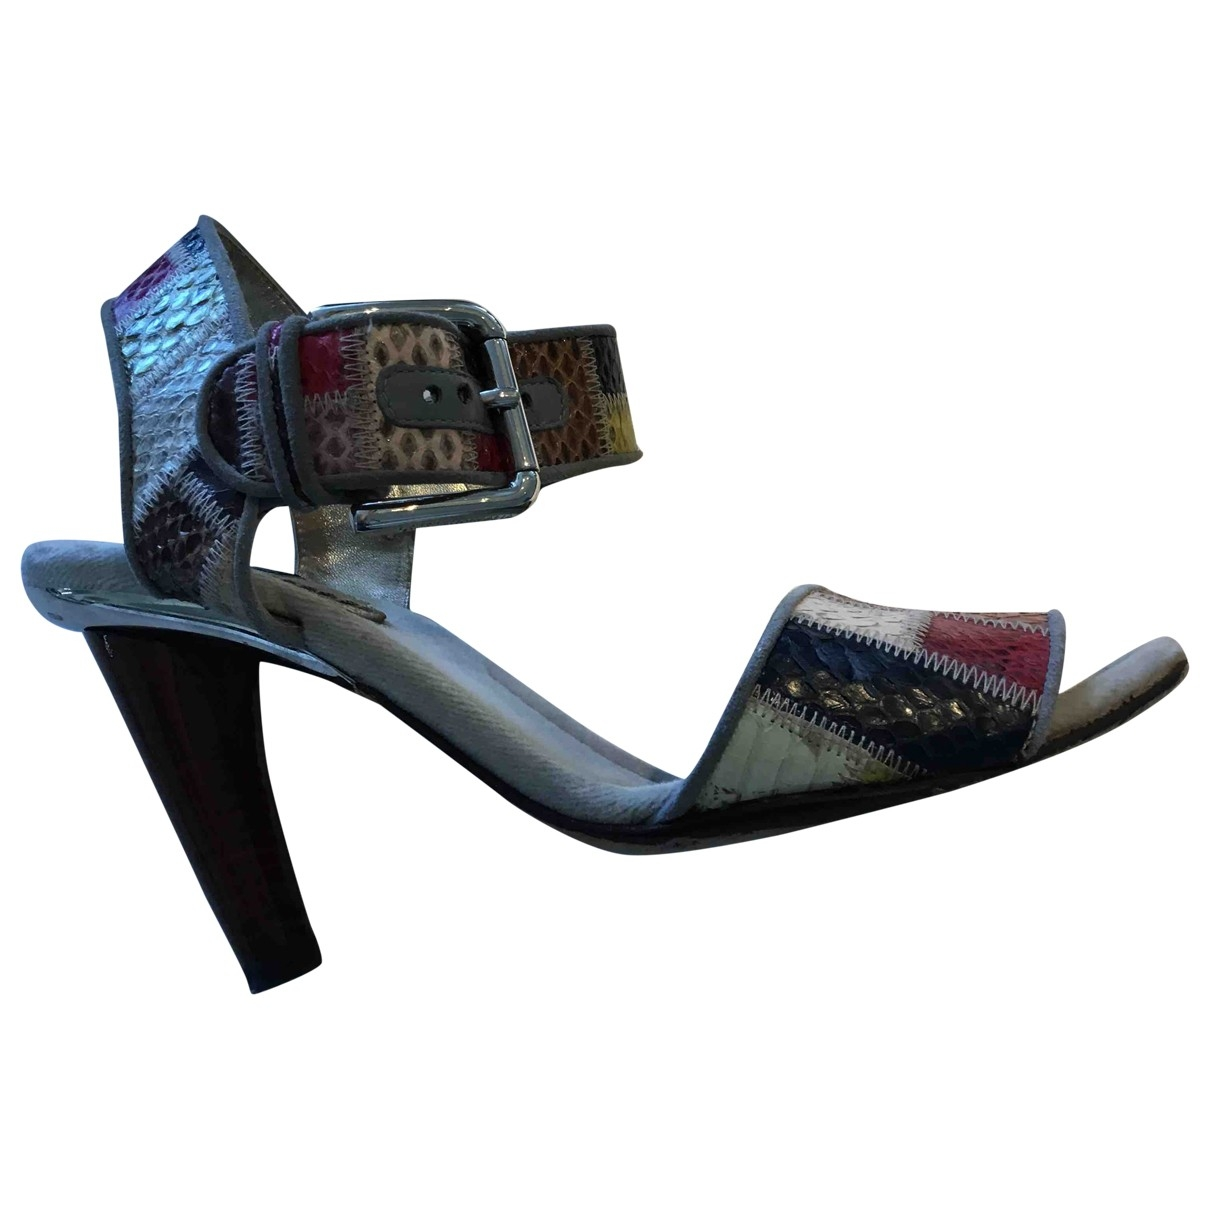 D&g - Sandales   pour femme en cuir - multicolore